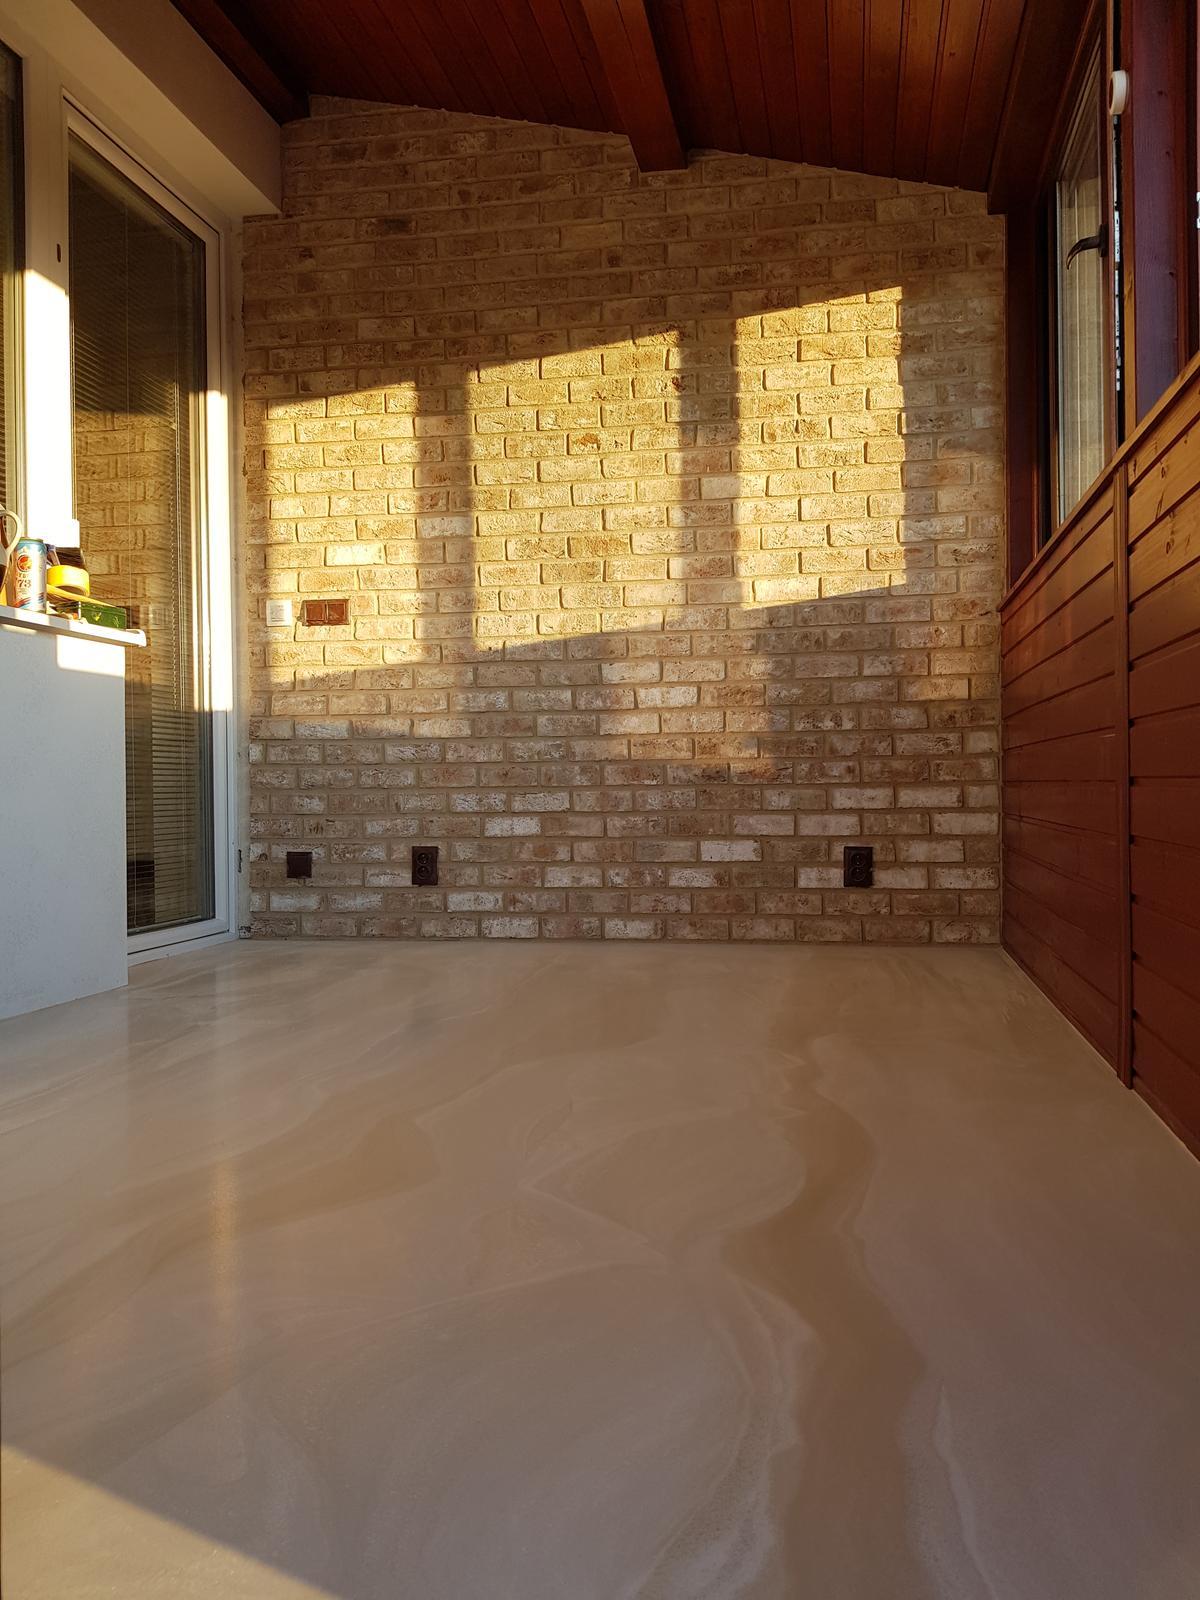 Dizajnová liata podlaha - Obrázok č. 1